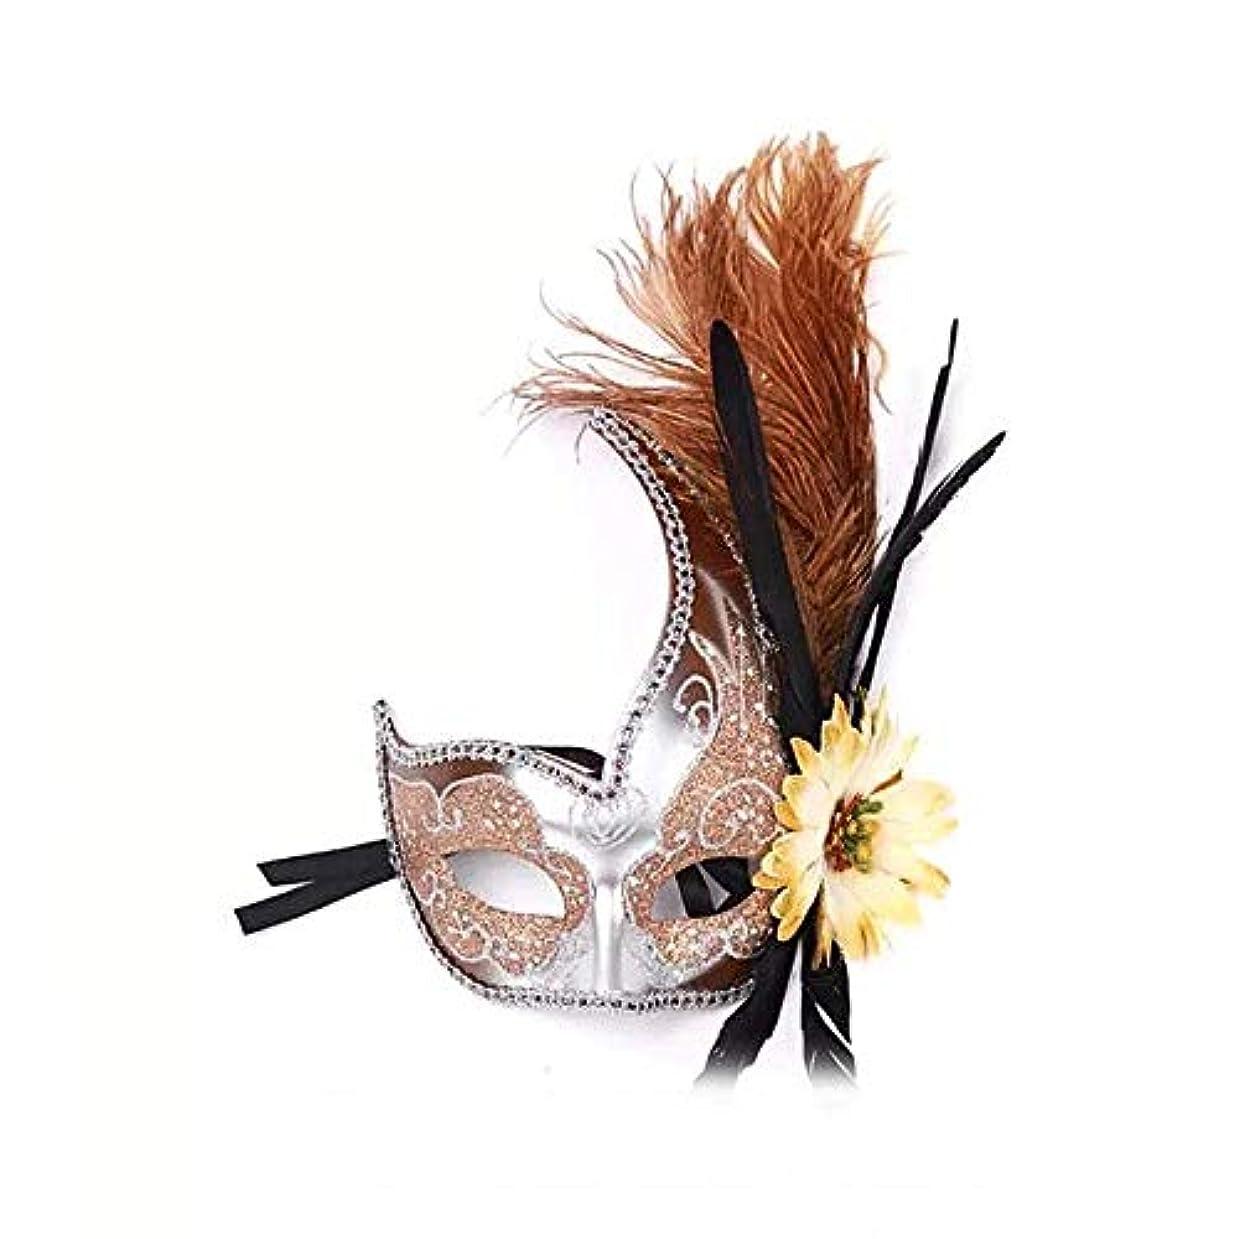 アグネスグレイありふれた一般化するNanle ハロウィンマスクハーフフェザーマスクベニスプリンセスマスク美容レース仮面ライダーコスプレ (色 : Style B orange)